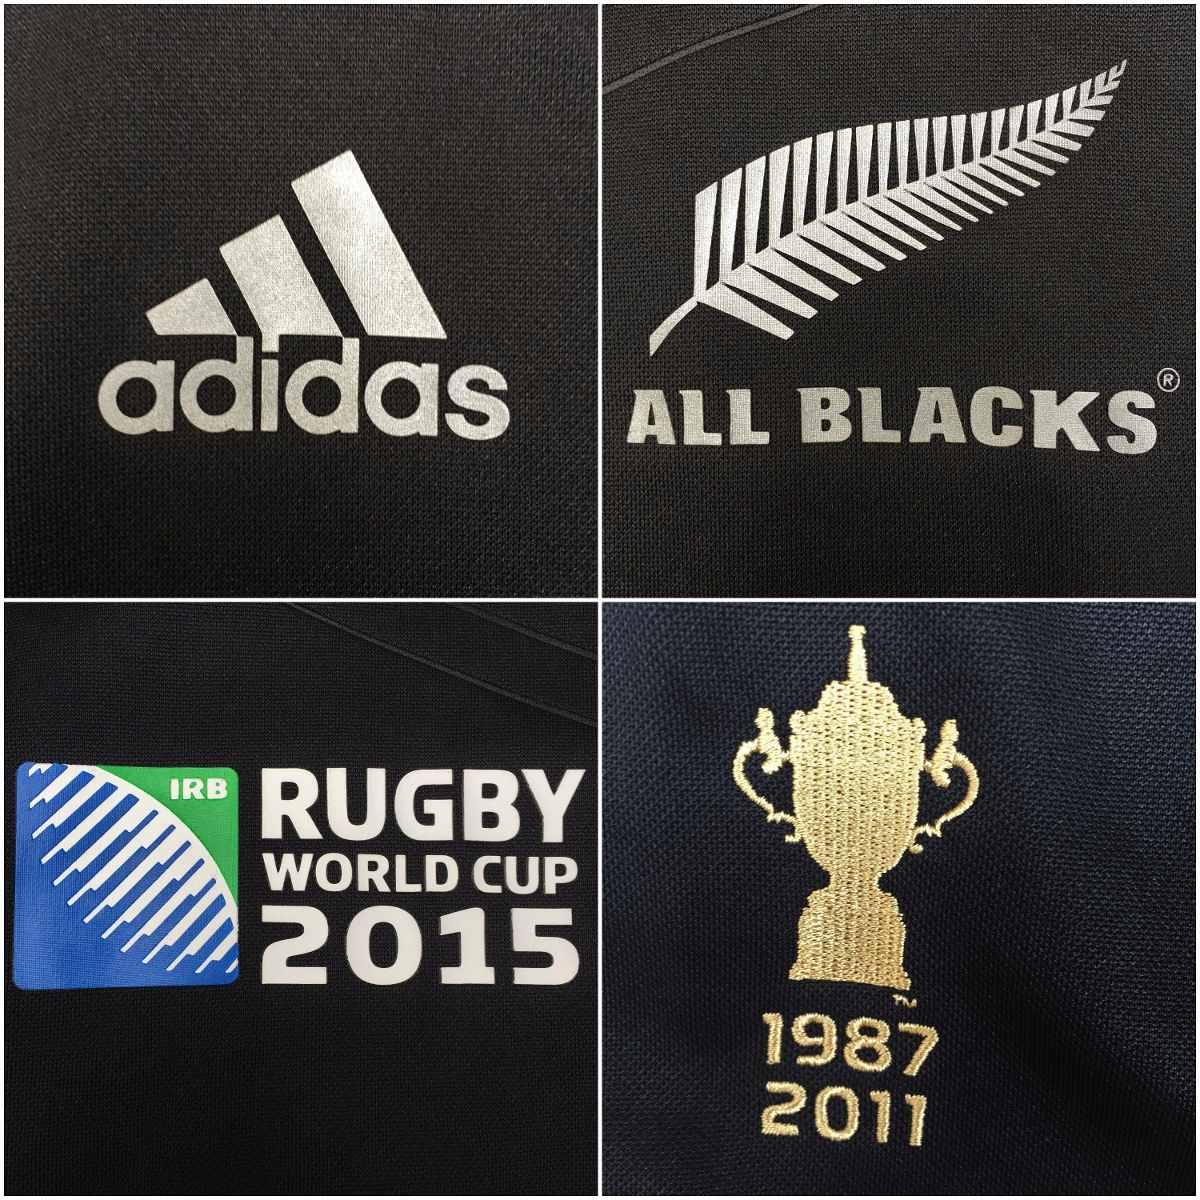 a775d27e4a s88884 camisa adidas rugby nova zelândia 2015 g fn1608. Carregando zoom.